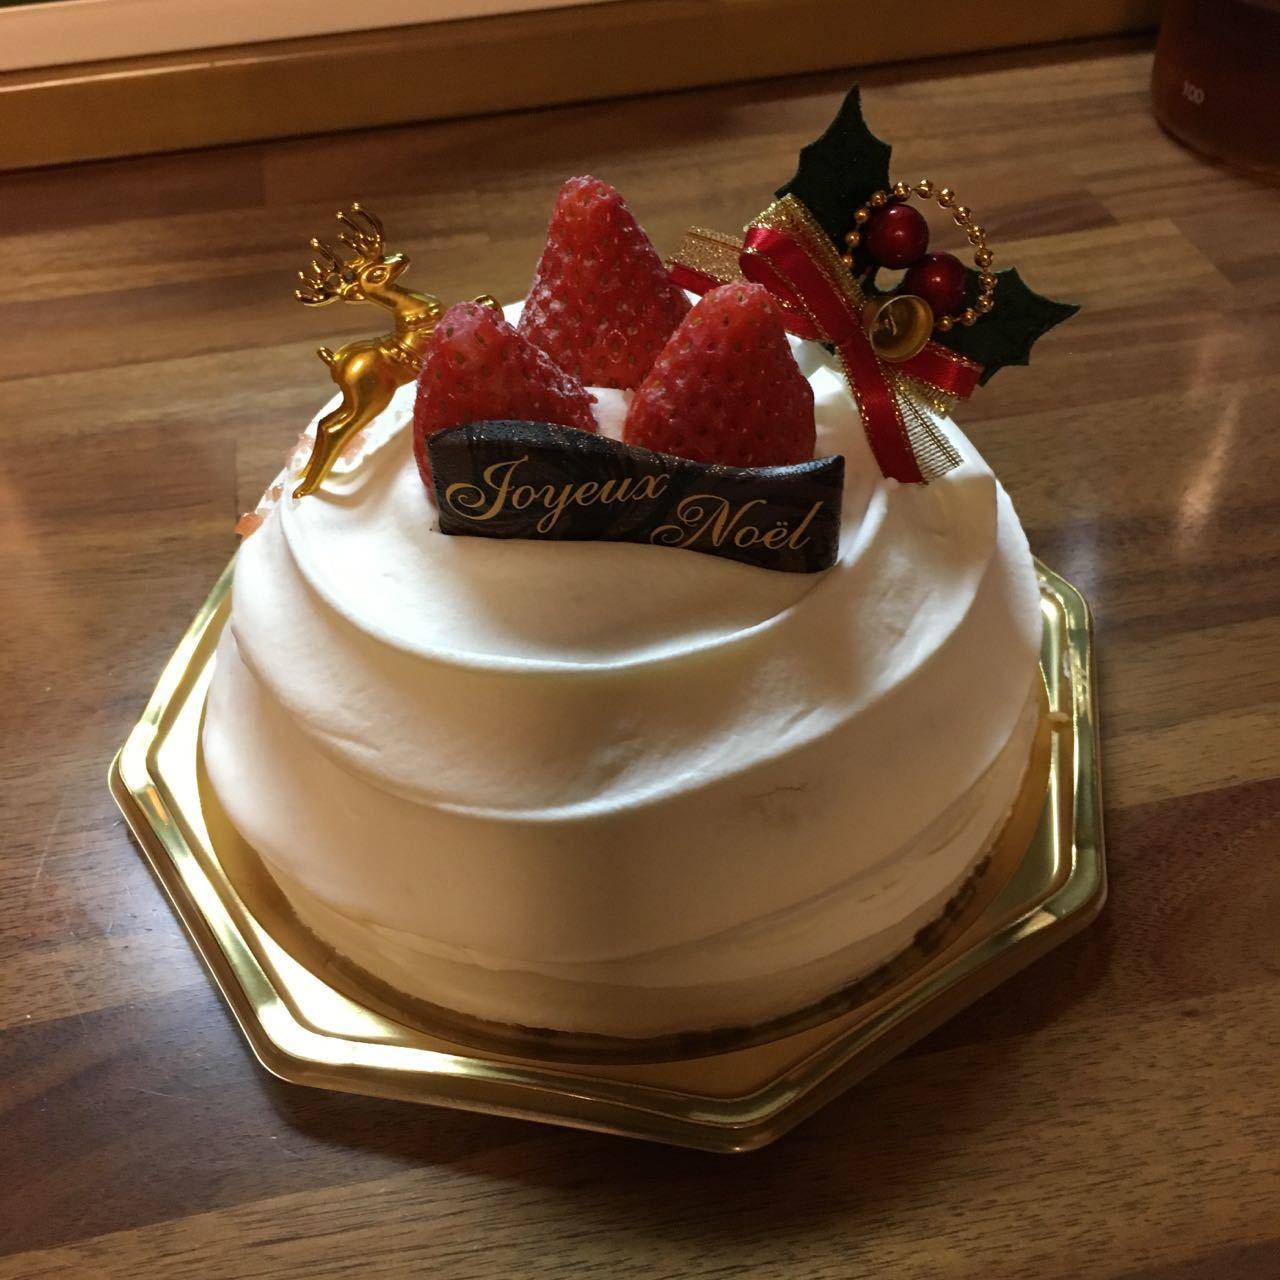 2017.12.22「アンカーご注文!!」_c0197974_01444214.jpg